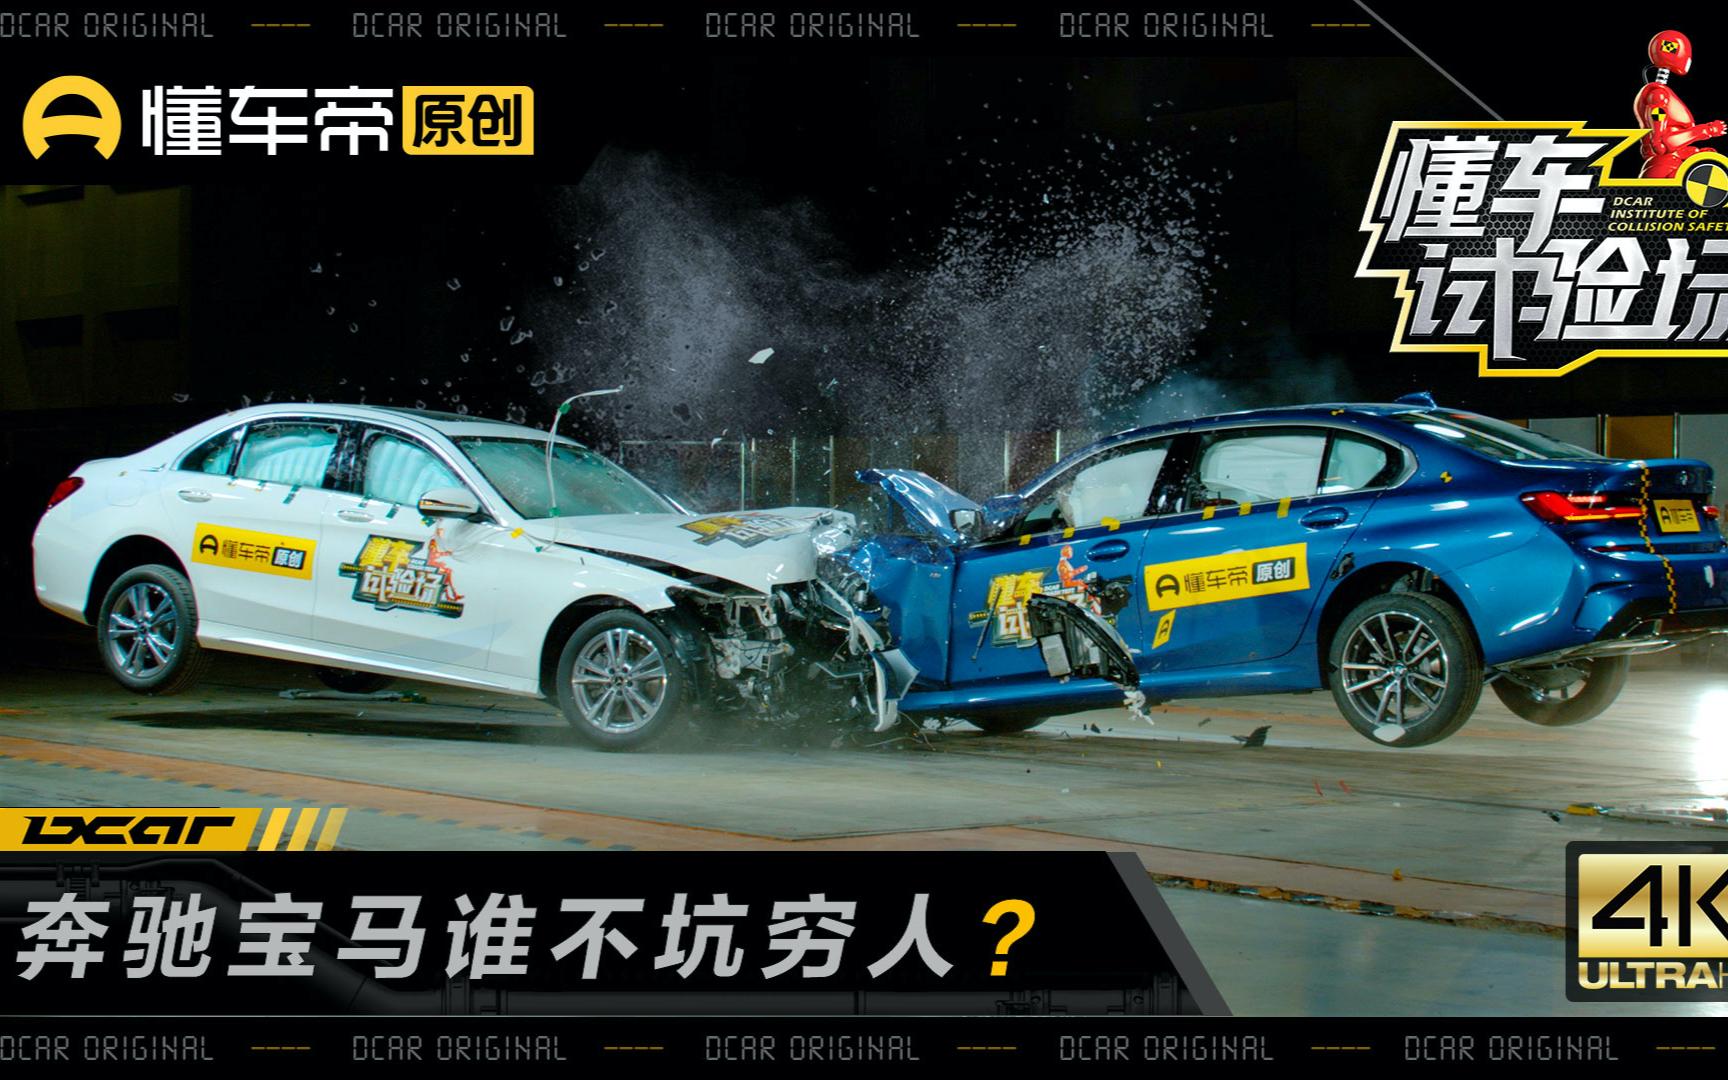 奔驰宝马高速对撞,德系安全巅峰战,超高速追尾有辆车露馅了